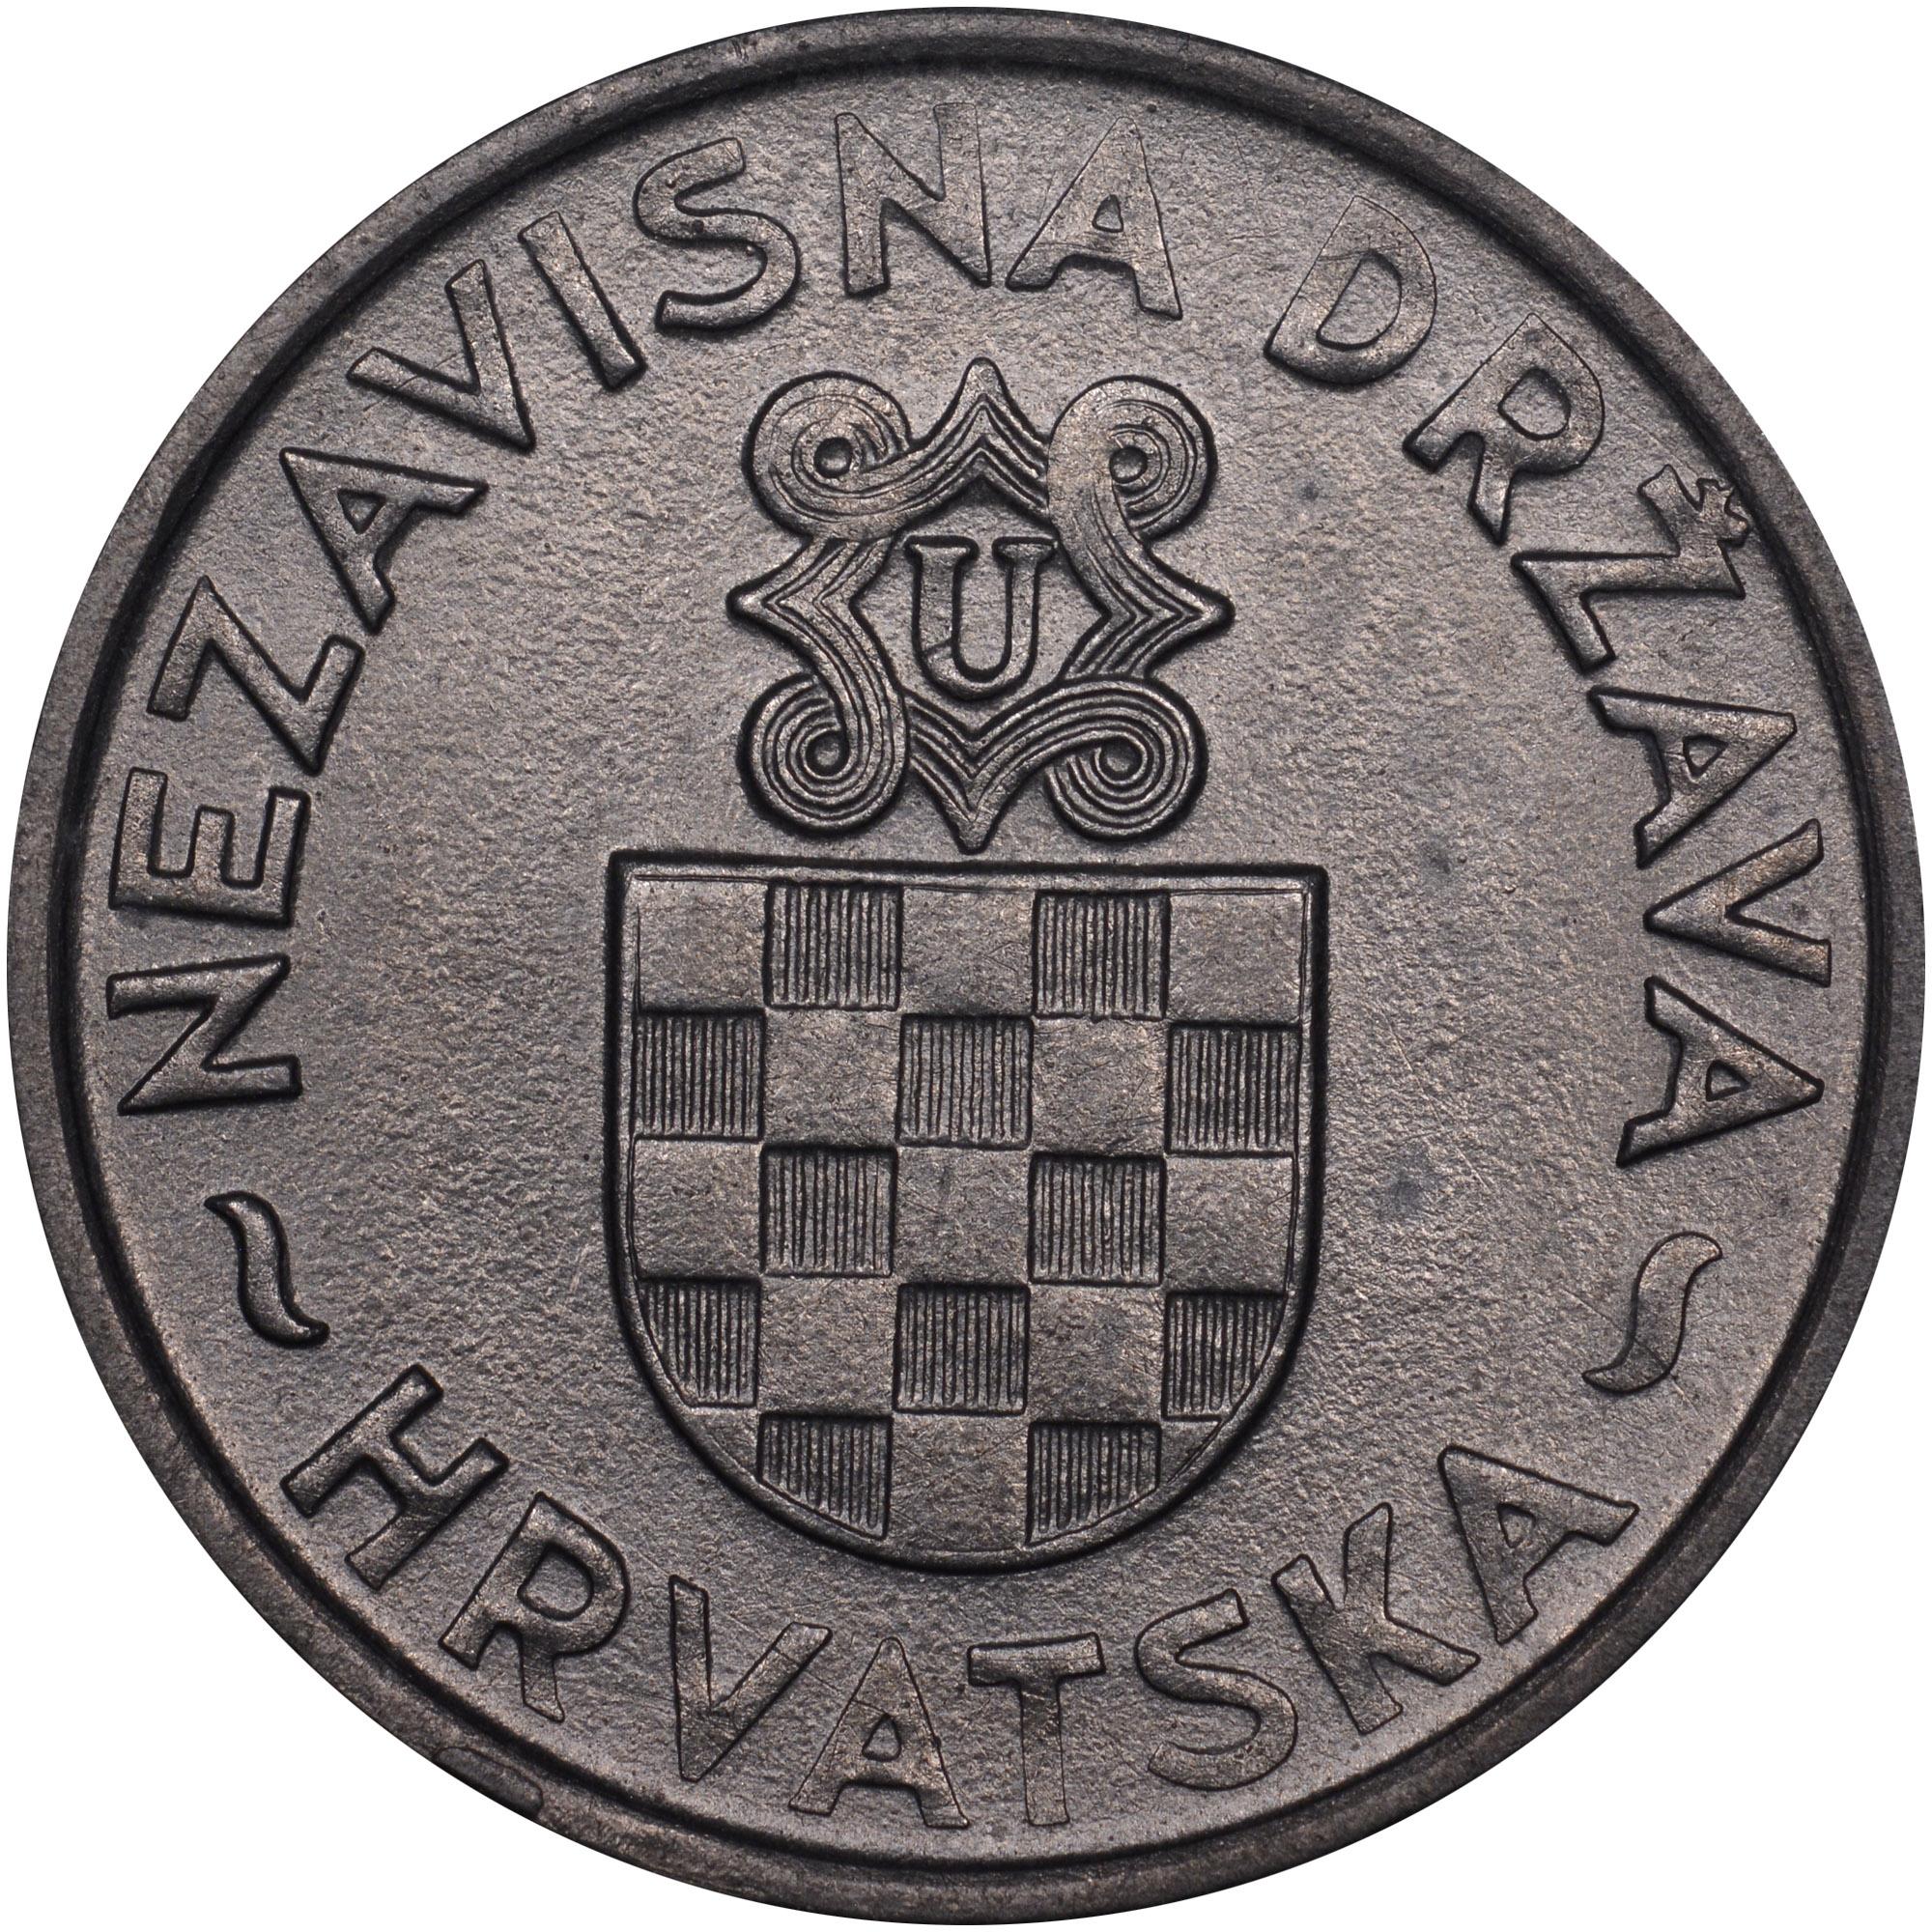 1941 Croatia 2 Kune obverse